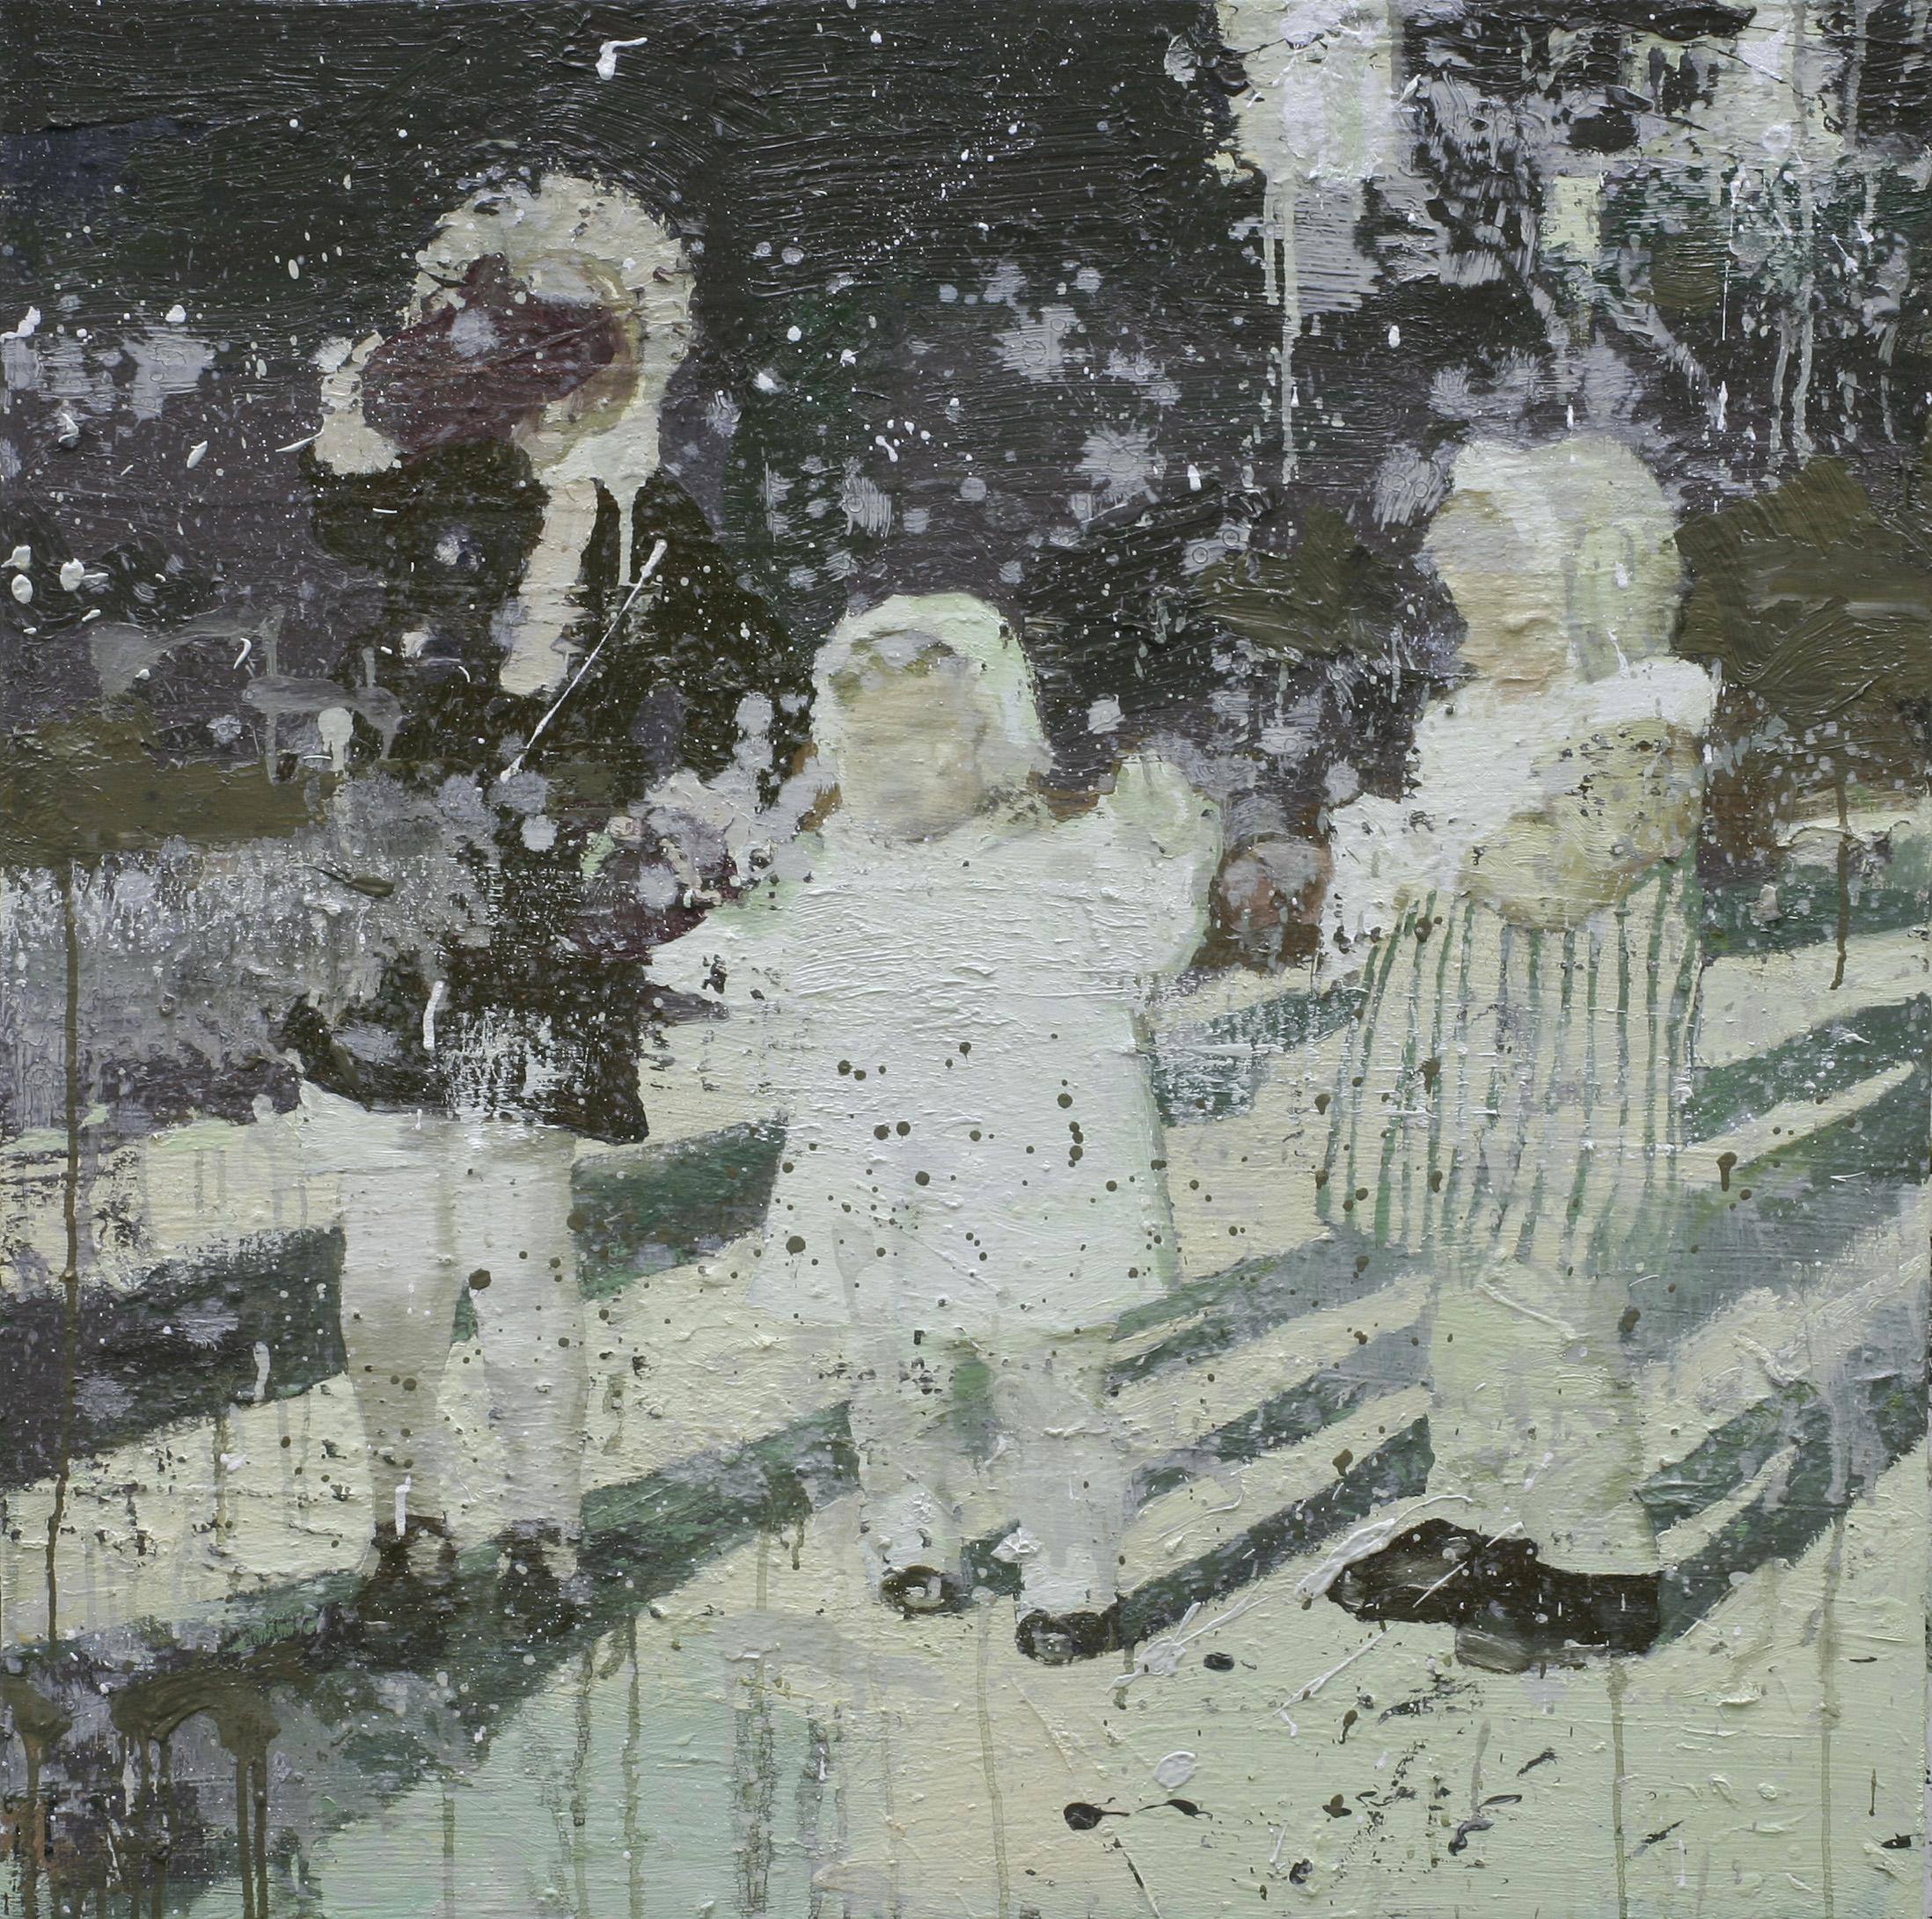 Første minne om snø | 60x60 cm | Eggoljetempera på lerret | Privat eie